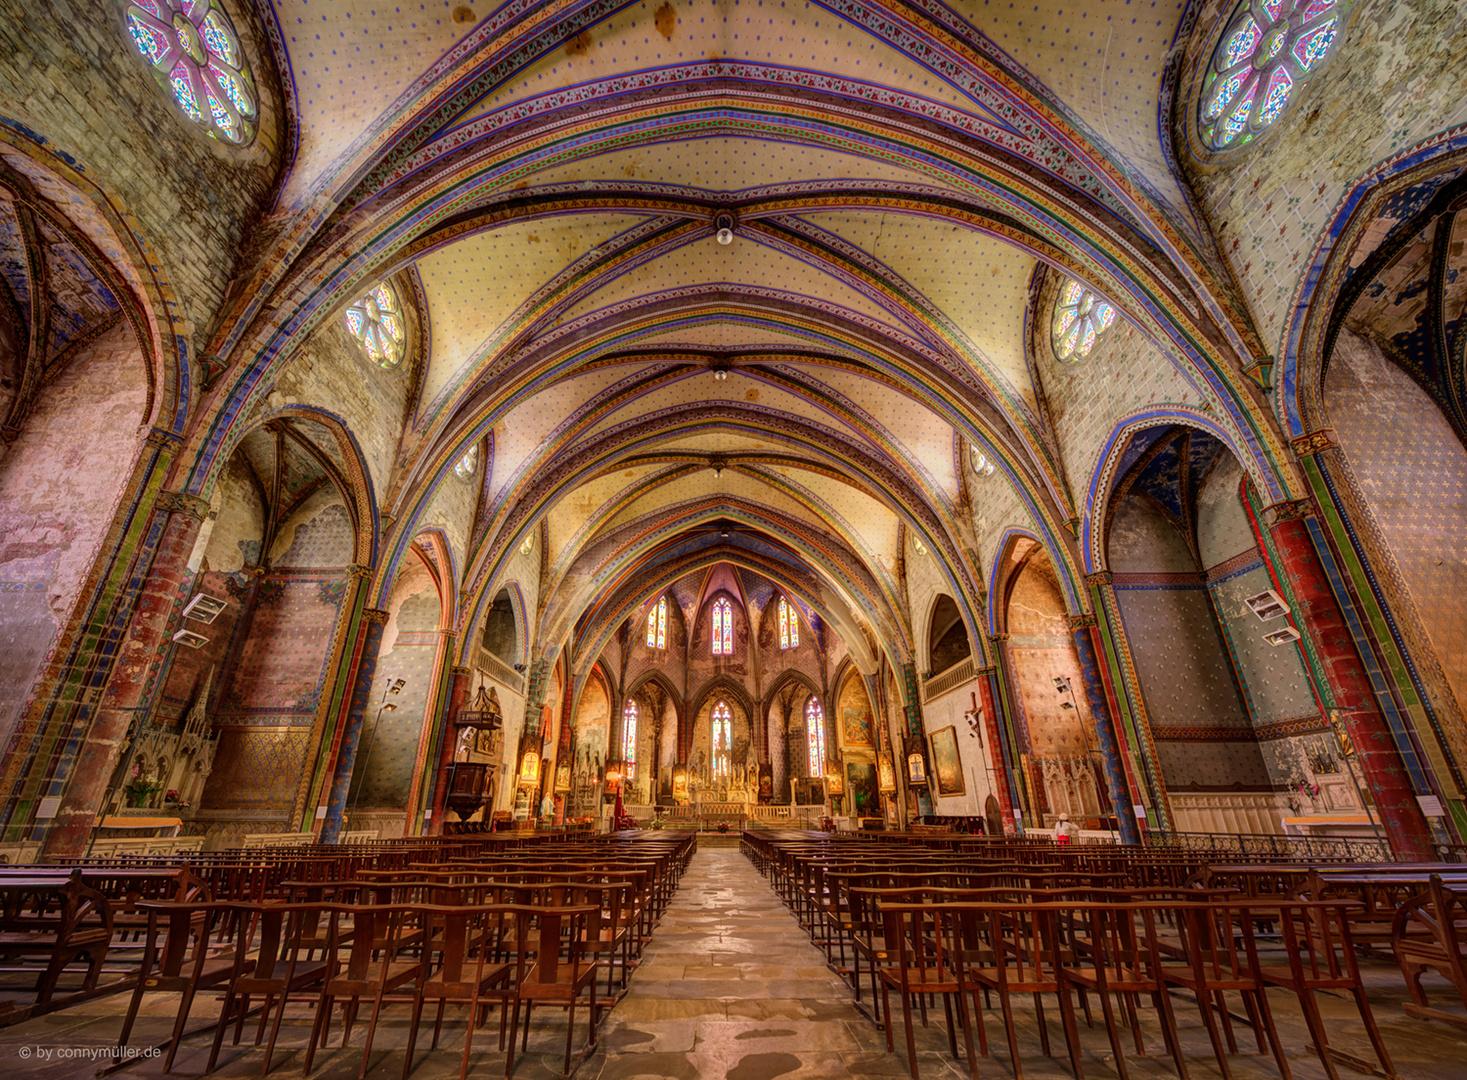 Suchen sie nach geeigneten unterkunftsmöglichkeiten in mirepoix? la cathédrale de Mirepoix Foto & Bild | france, world ...